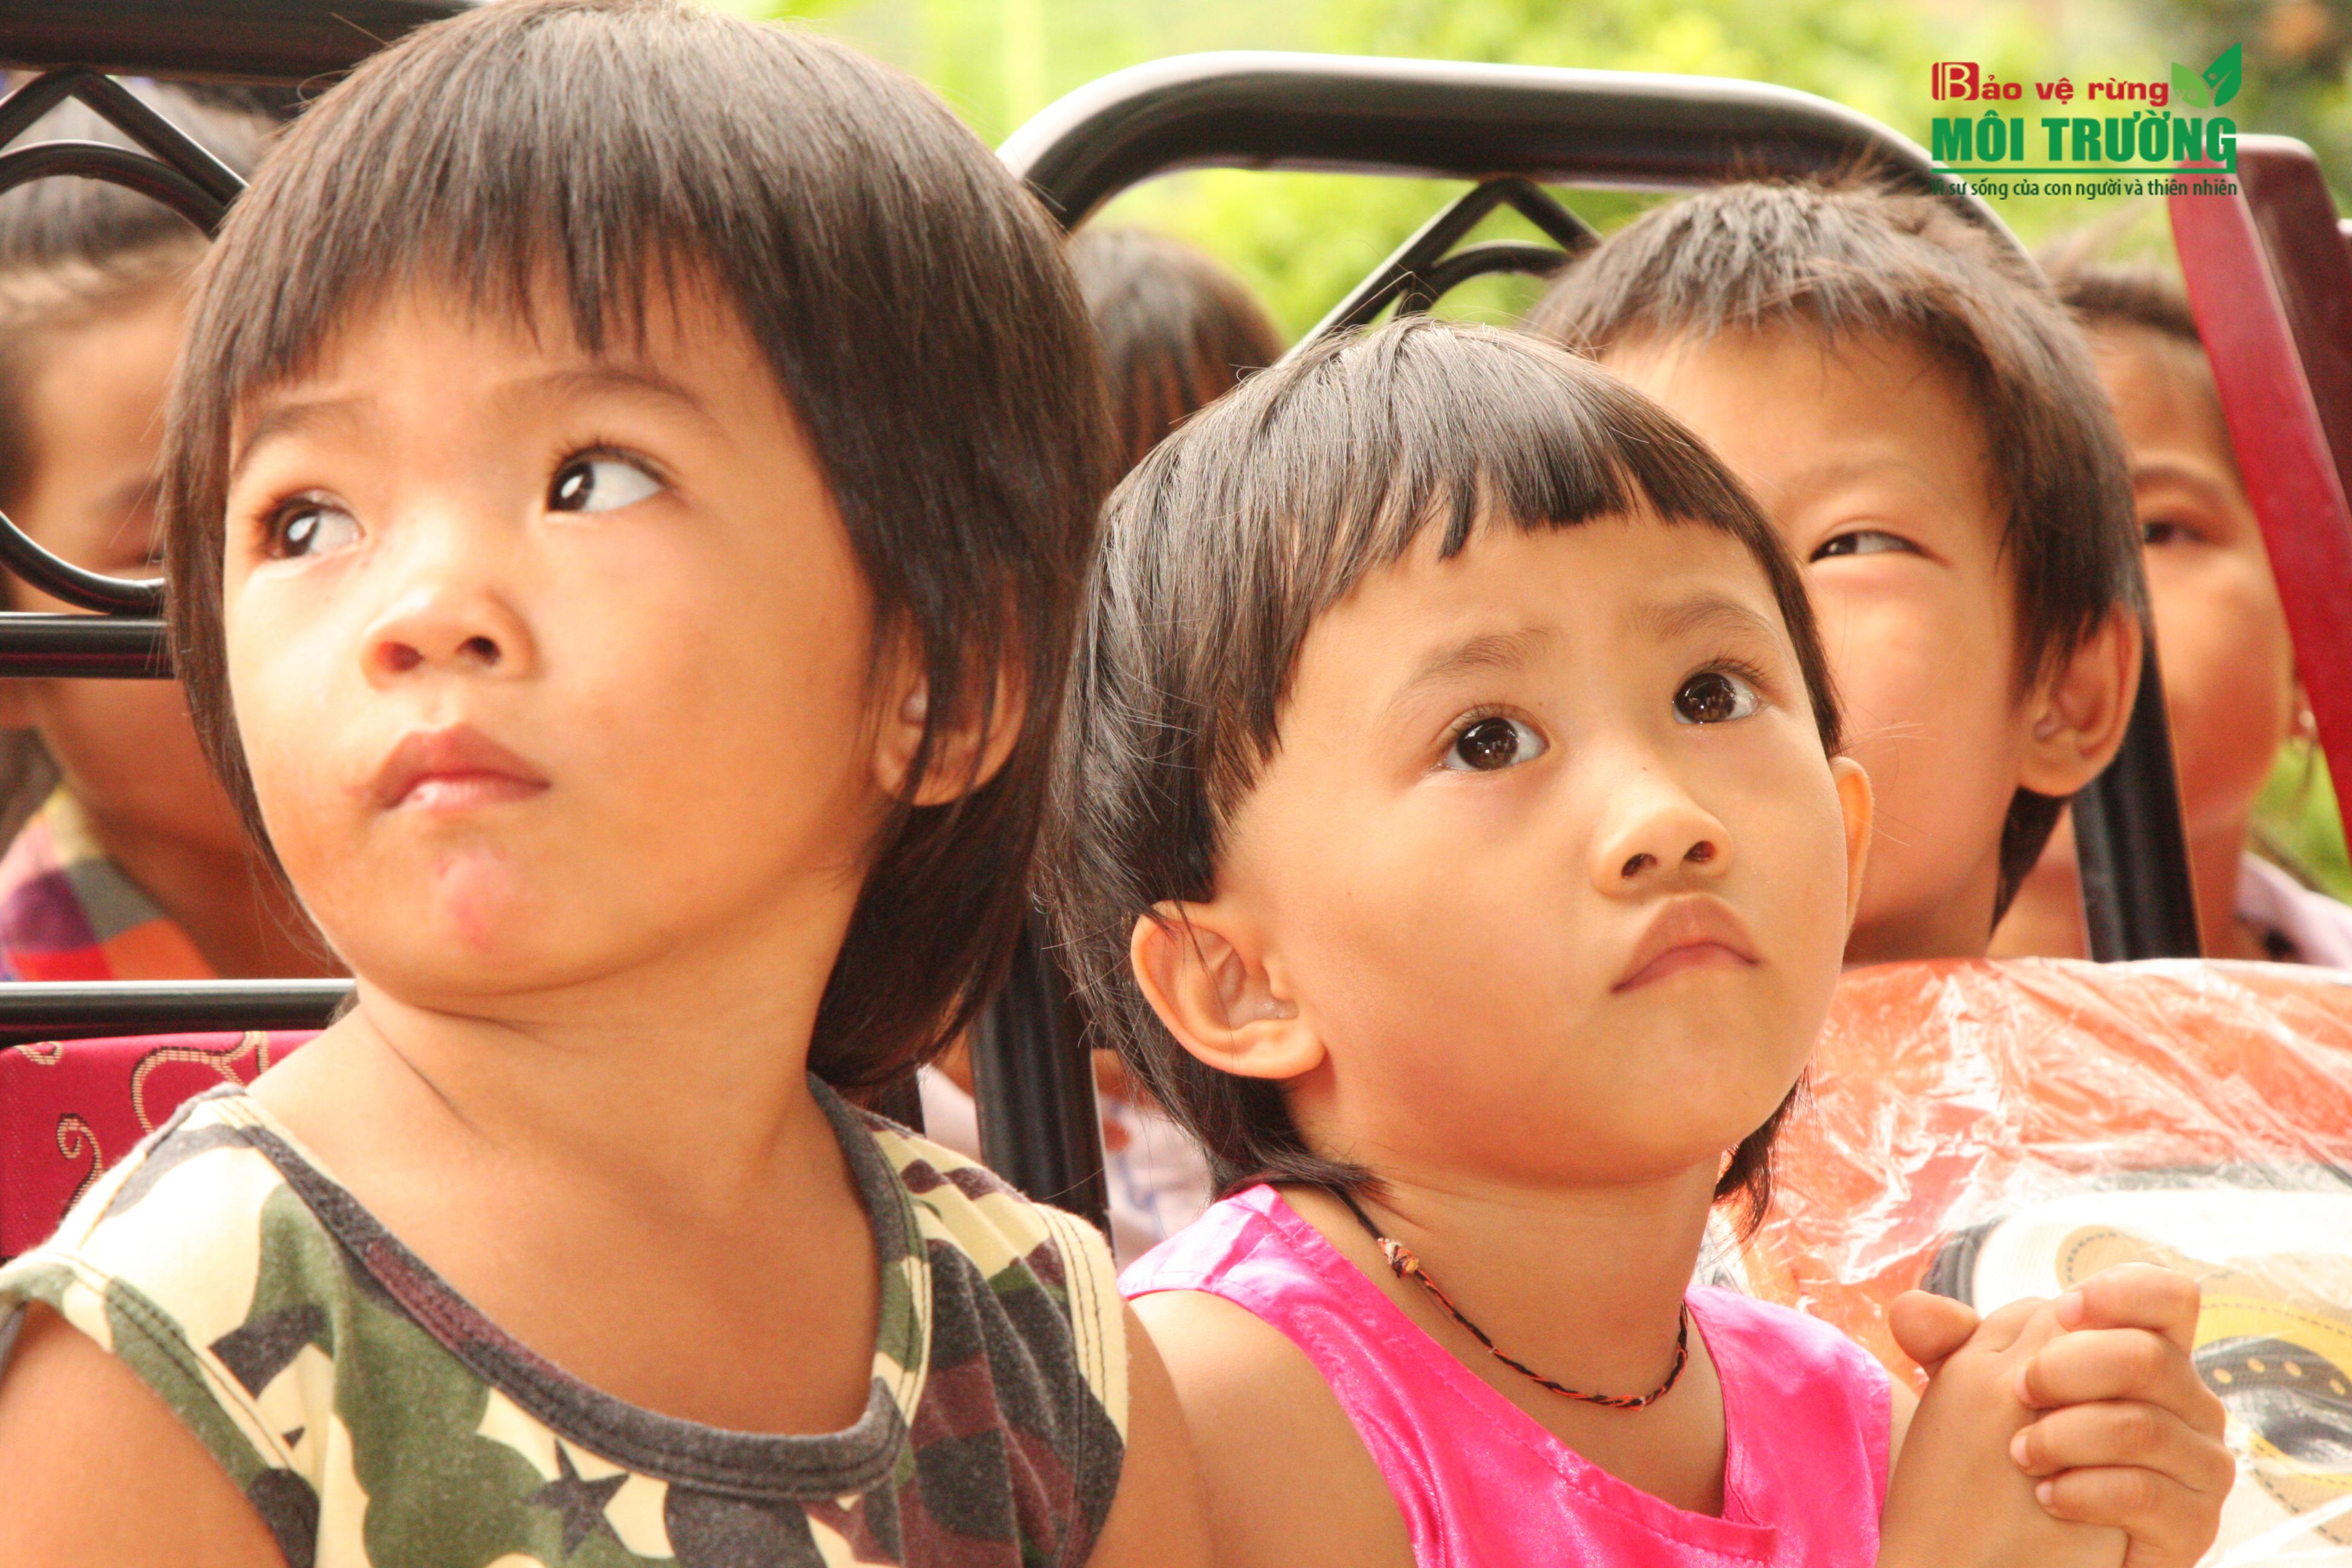 """Tác phẩm: """"Ngày mai"""" – Ảnh Xuân Thời. Cả 2 bé gái, với đôi mắt tròn xoe. Trong đôi mắt của các em, là sự hướng về tương lai, đôi mắt của ước mơ, khát vọng. Và đôi mắt Tây Bắc ấy đang ngước nhìn và khát vọng về những ngày mai…"""